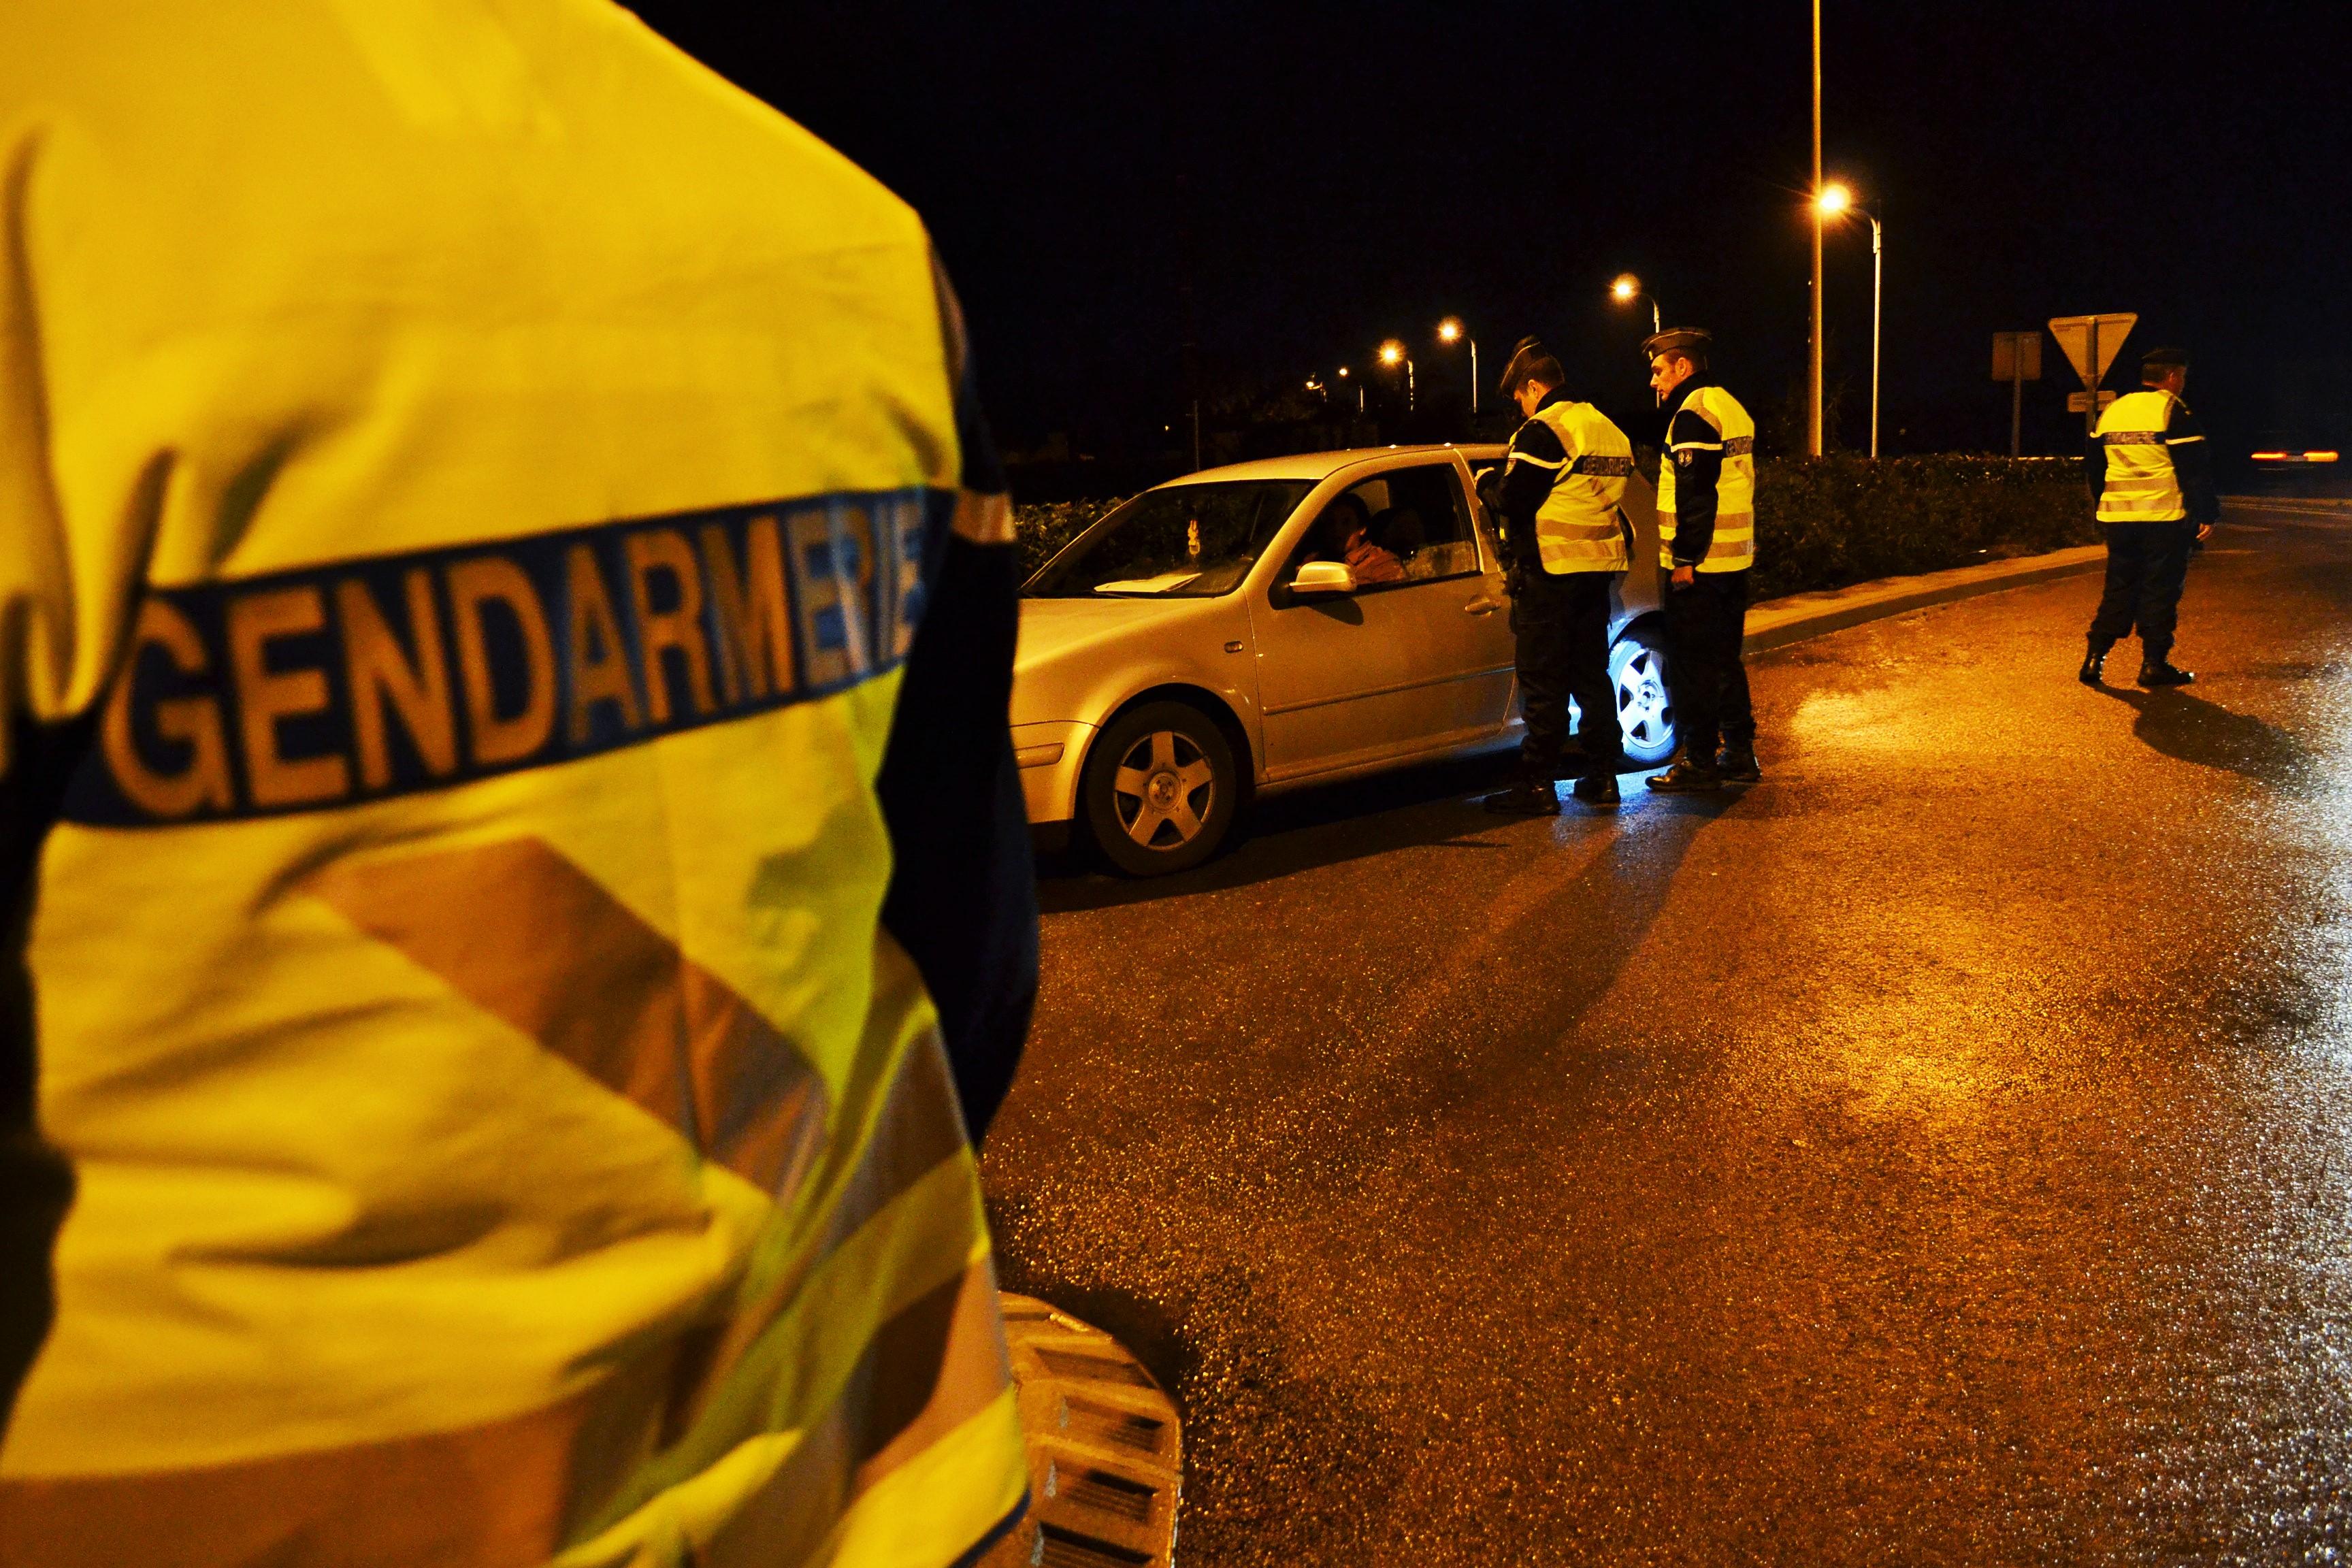 Les véhicules volés n'avaient pas été retrouvés ce samedi soir (Illustration)